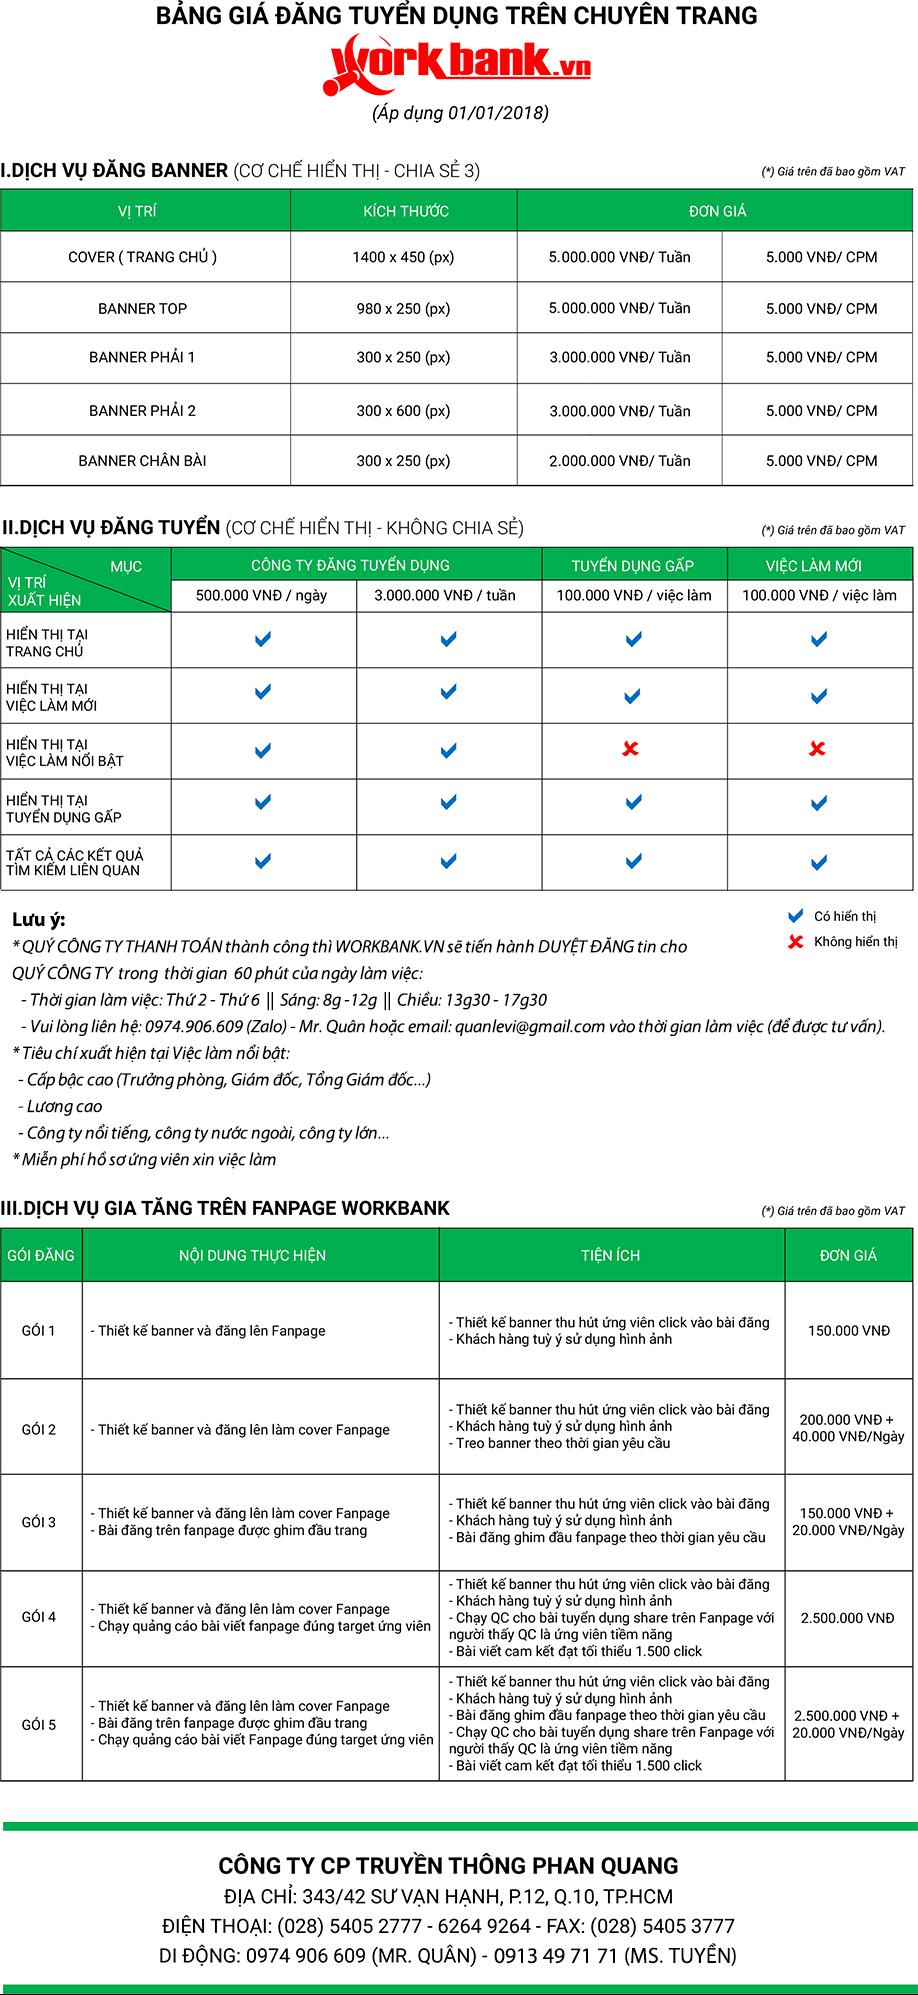 Bảng giá dịch vụ đăng tuyển dụng trên workbank.vn